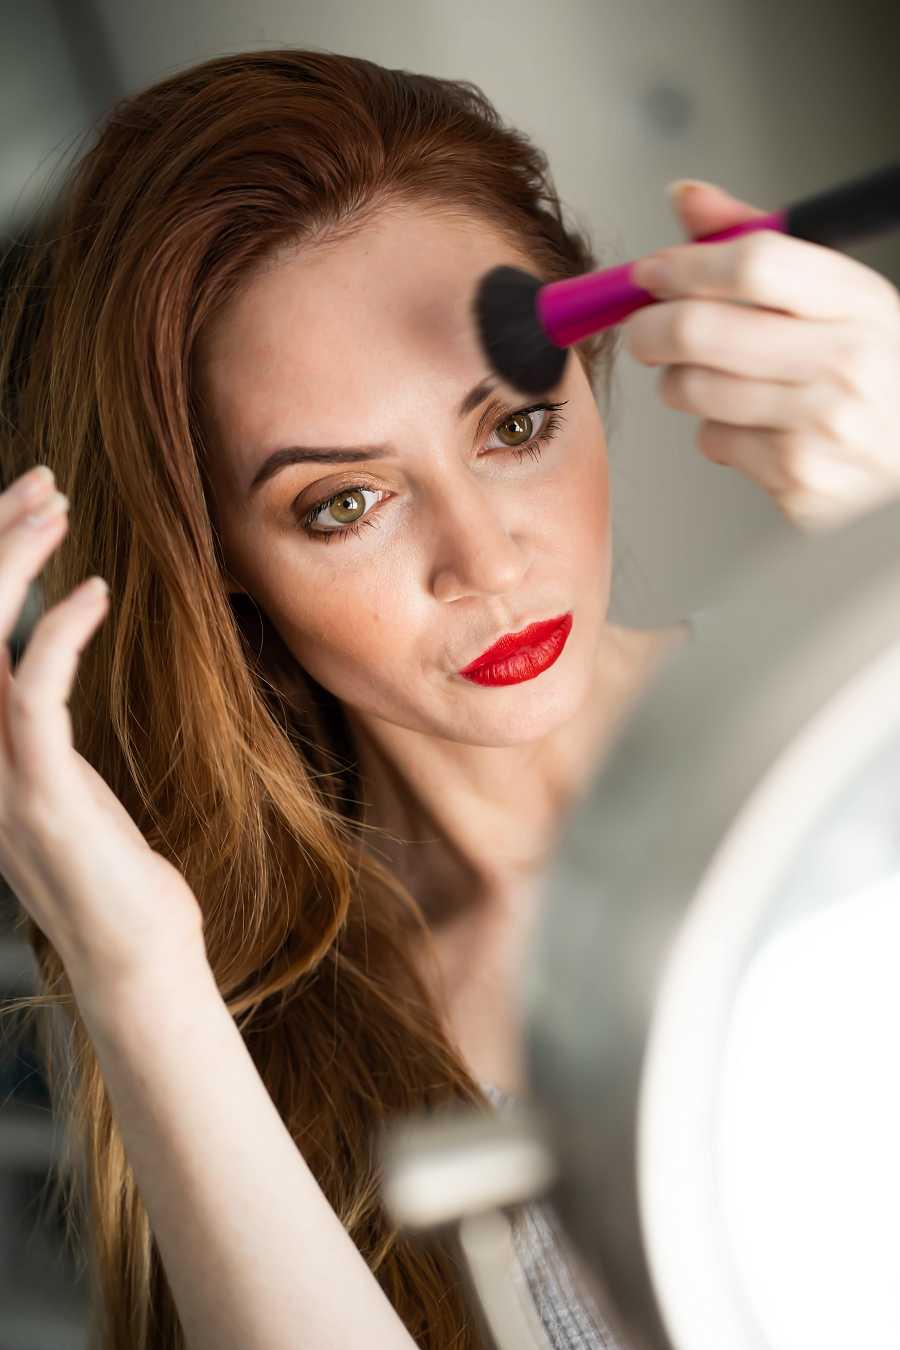 Las bases deben ser traslúcidas, muy livianas, y super importante hidratar bien la piel antes de maquillarla